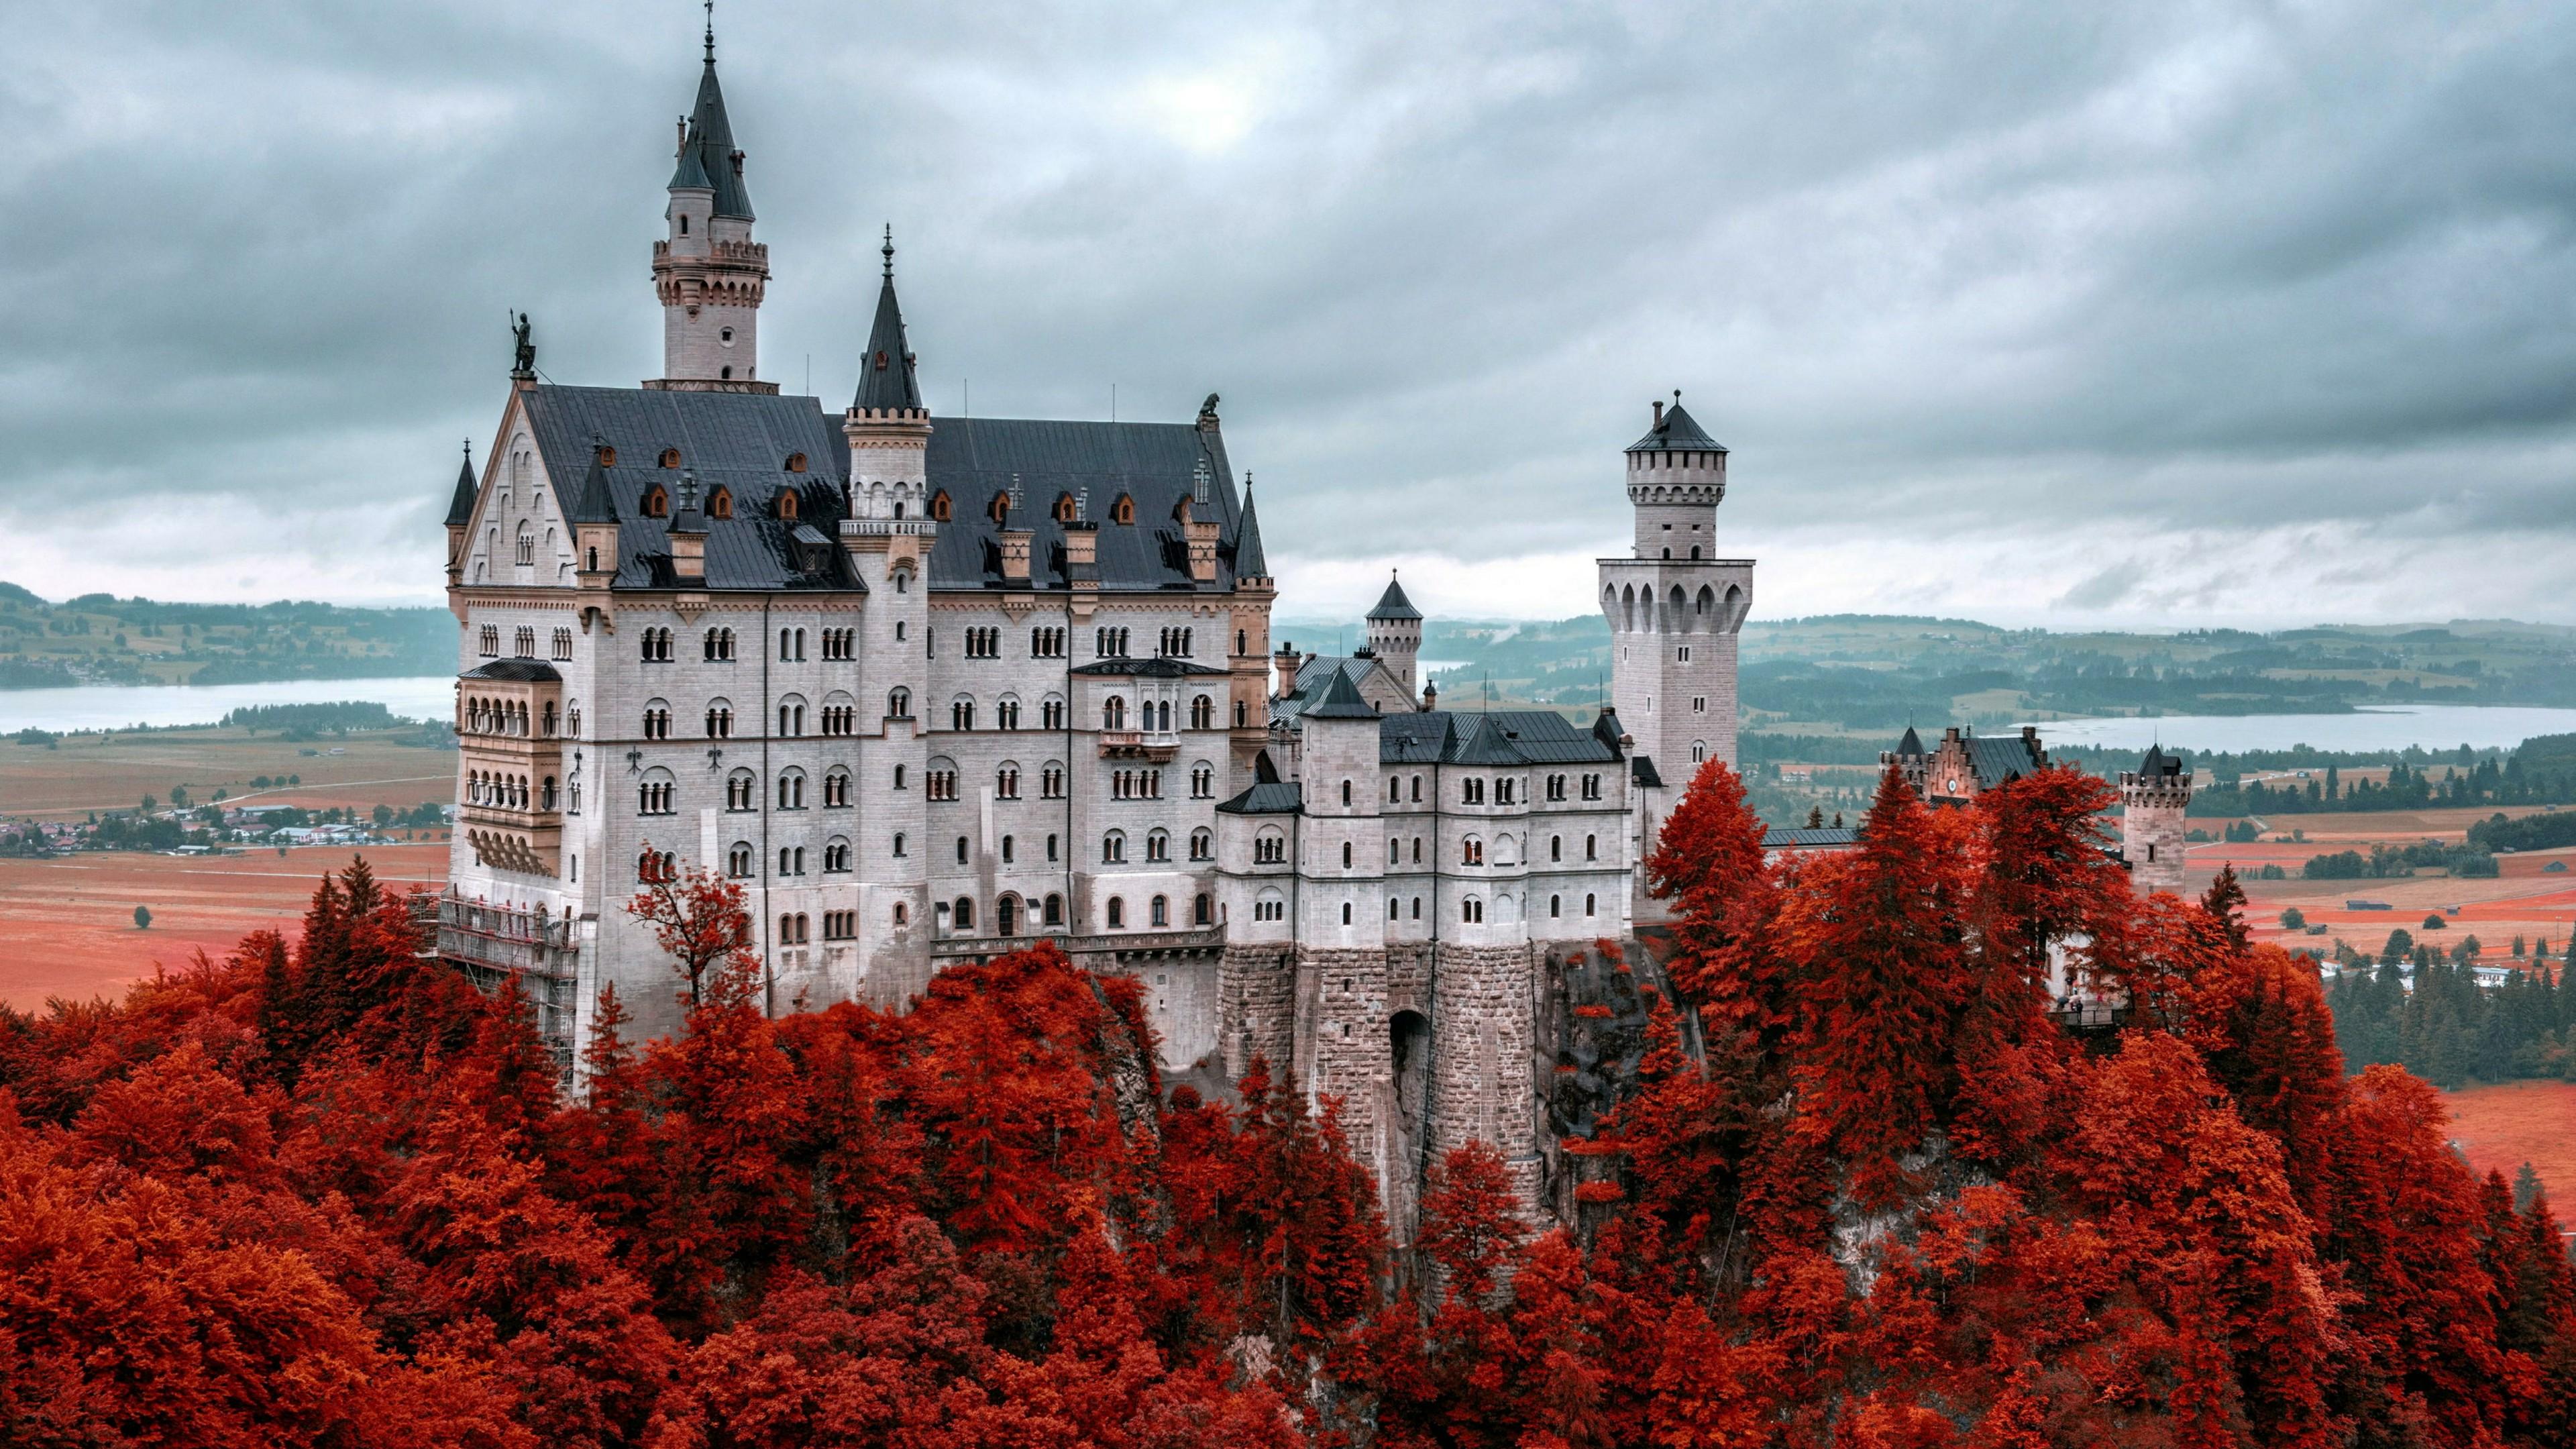 Red autumn trees around Neuschwanstein Castle wallpaper